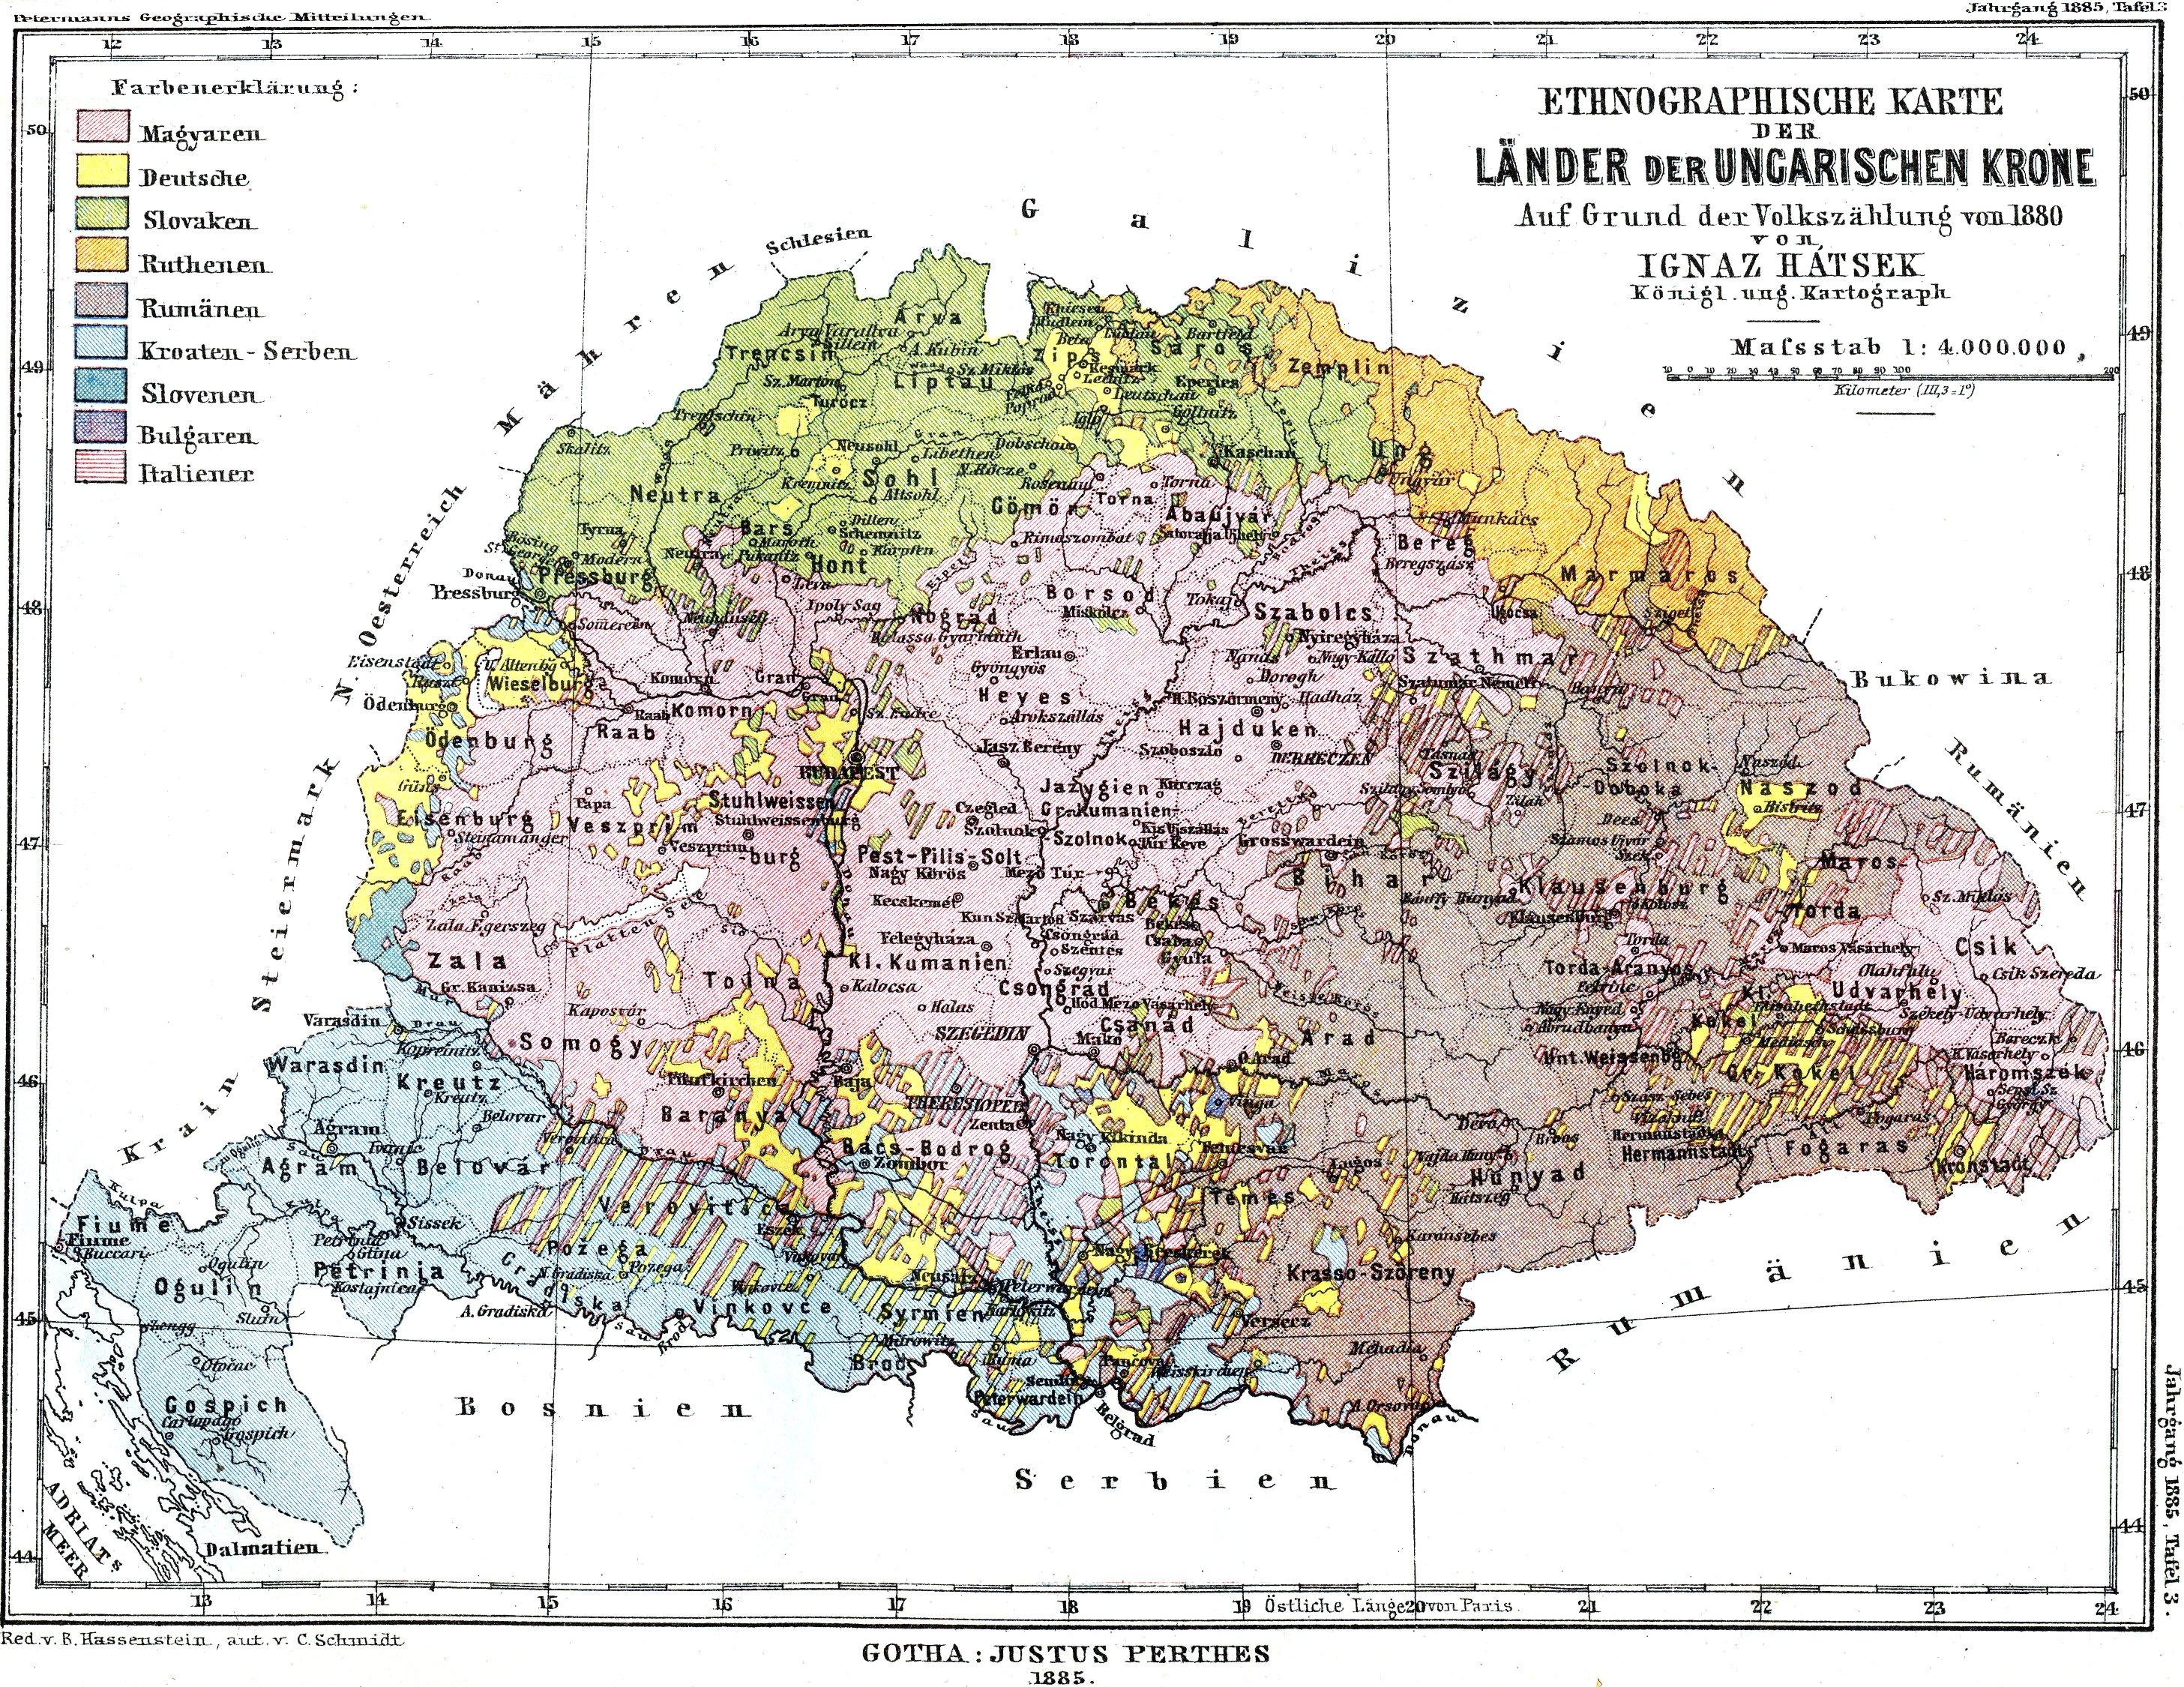 Nyelv Es Tudomany Fooldal Megelhetesi Magyarok Nagy Romaniaban